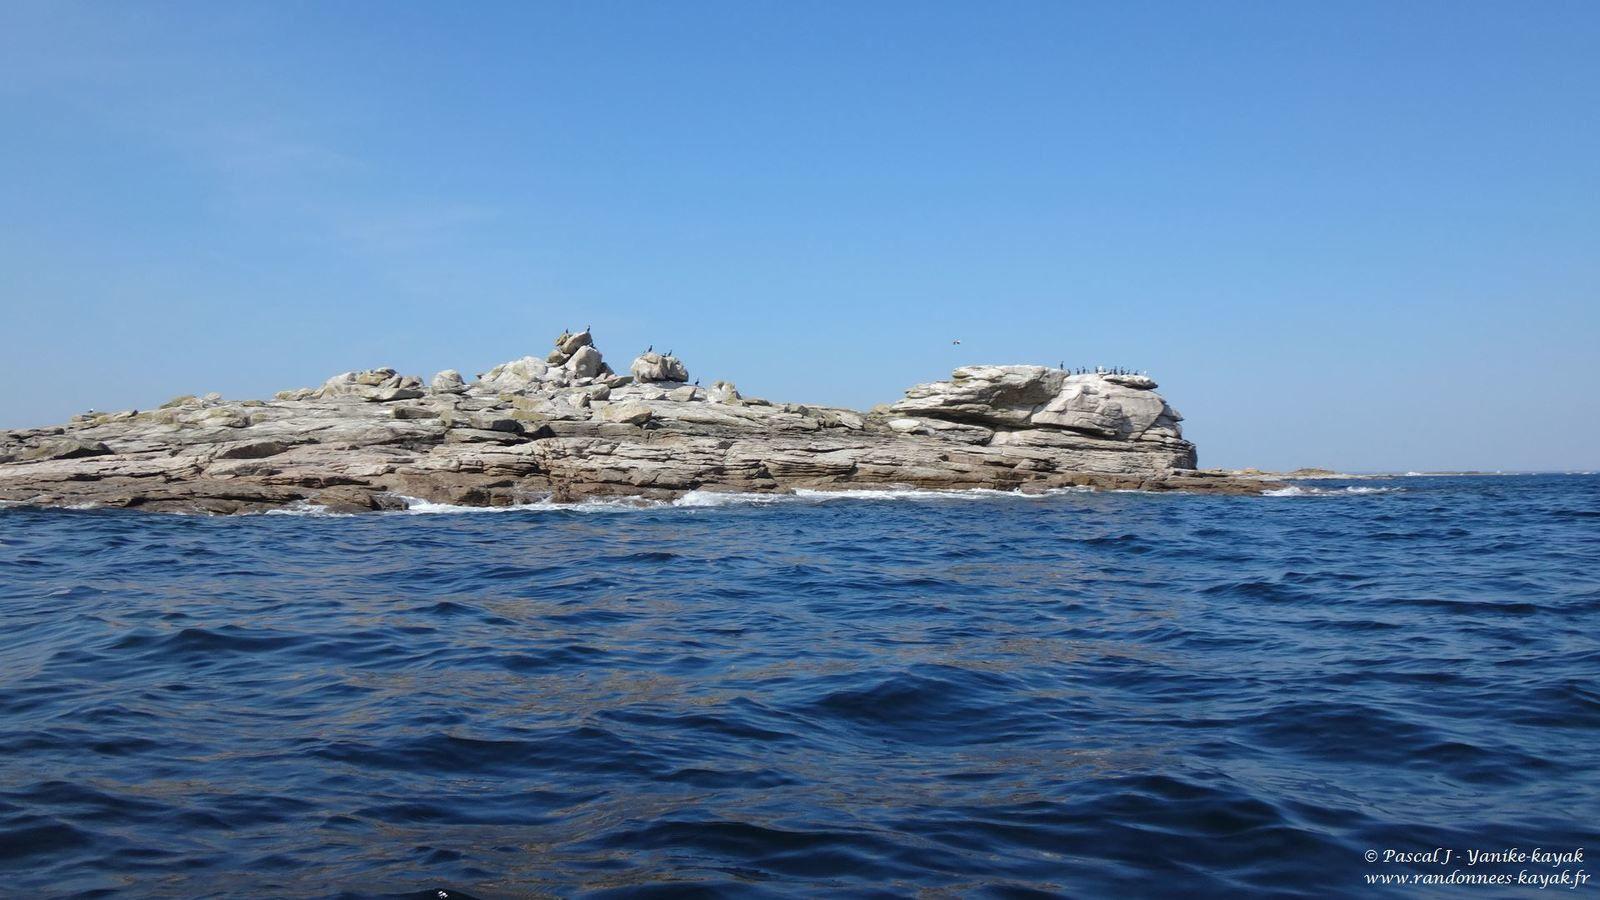 Les Glénan ... ou l'exotisme des îles lointaines ! (chapitre 1)